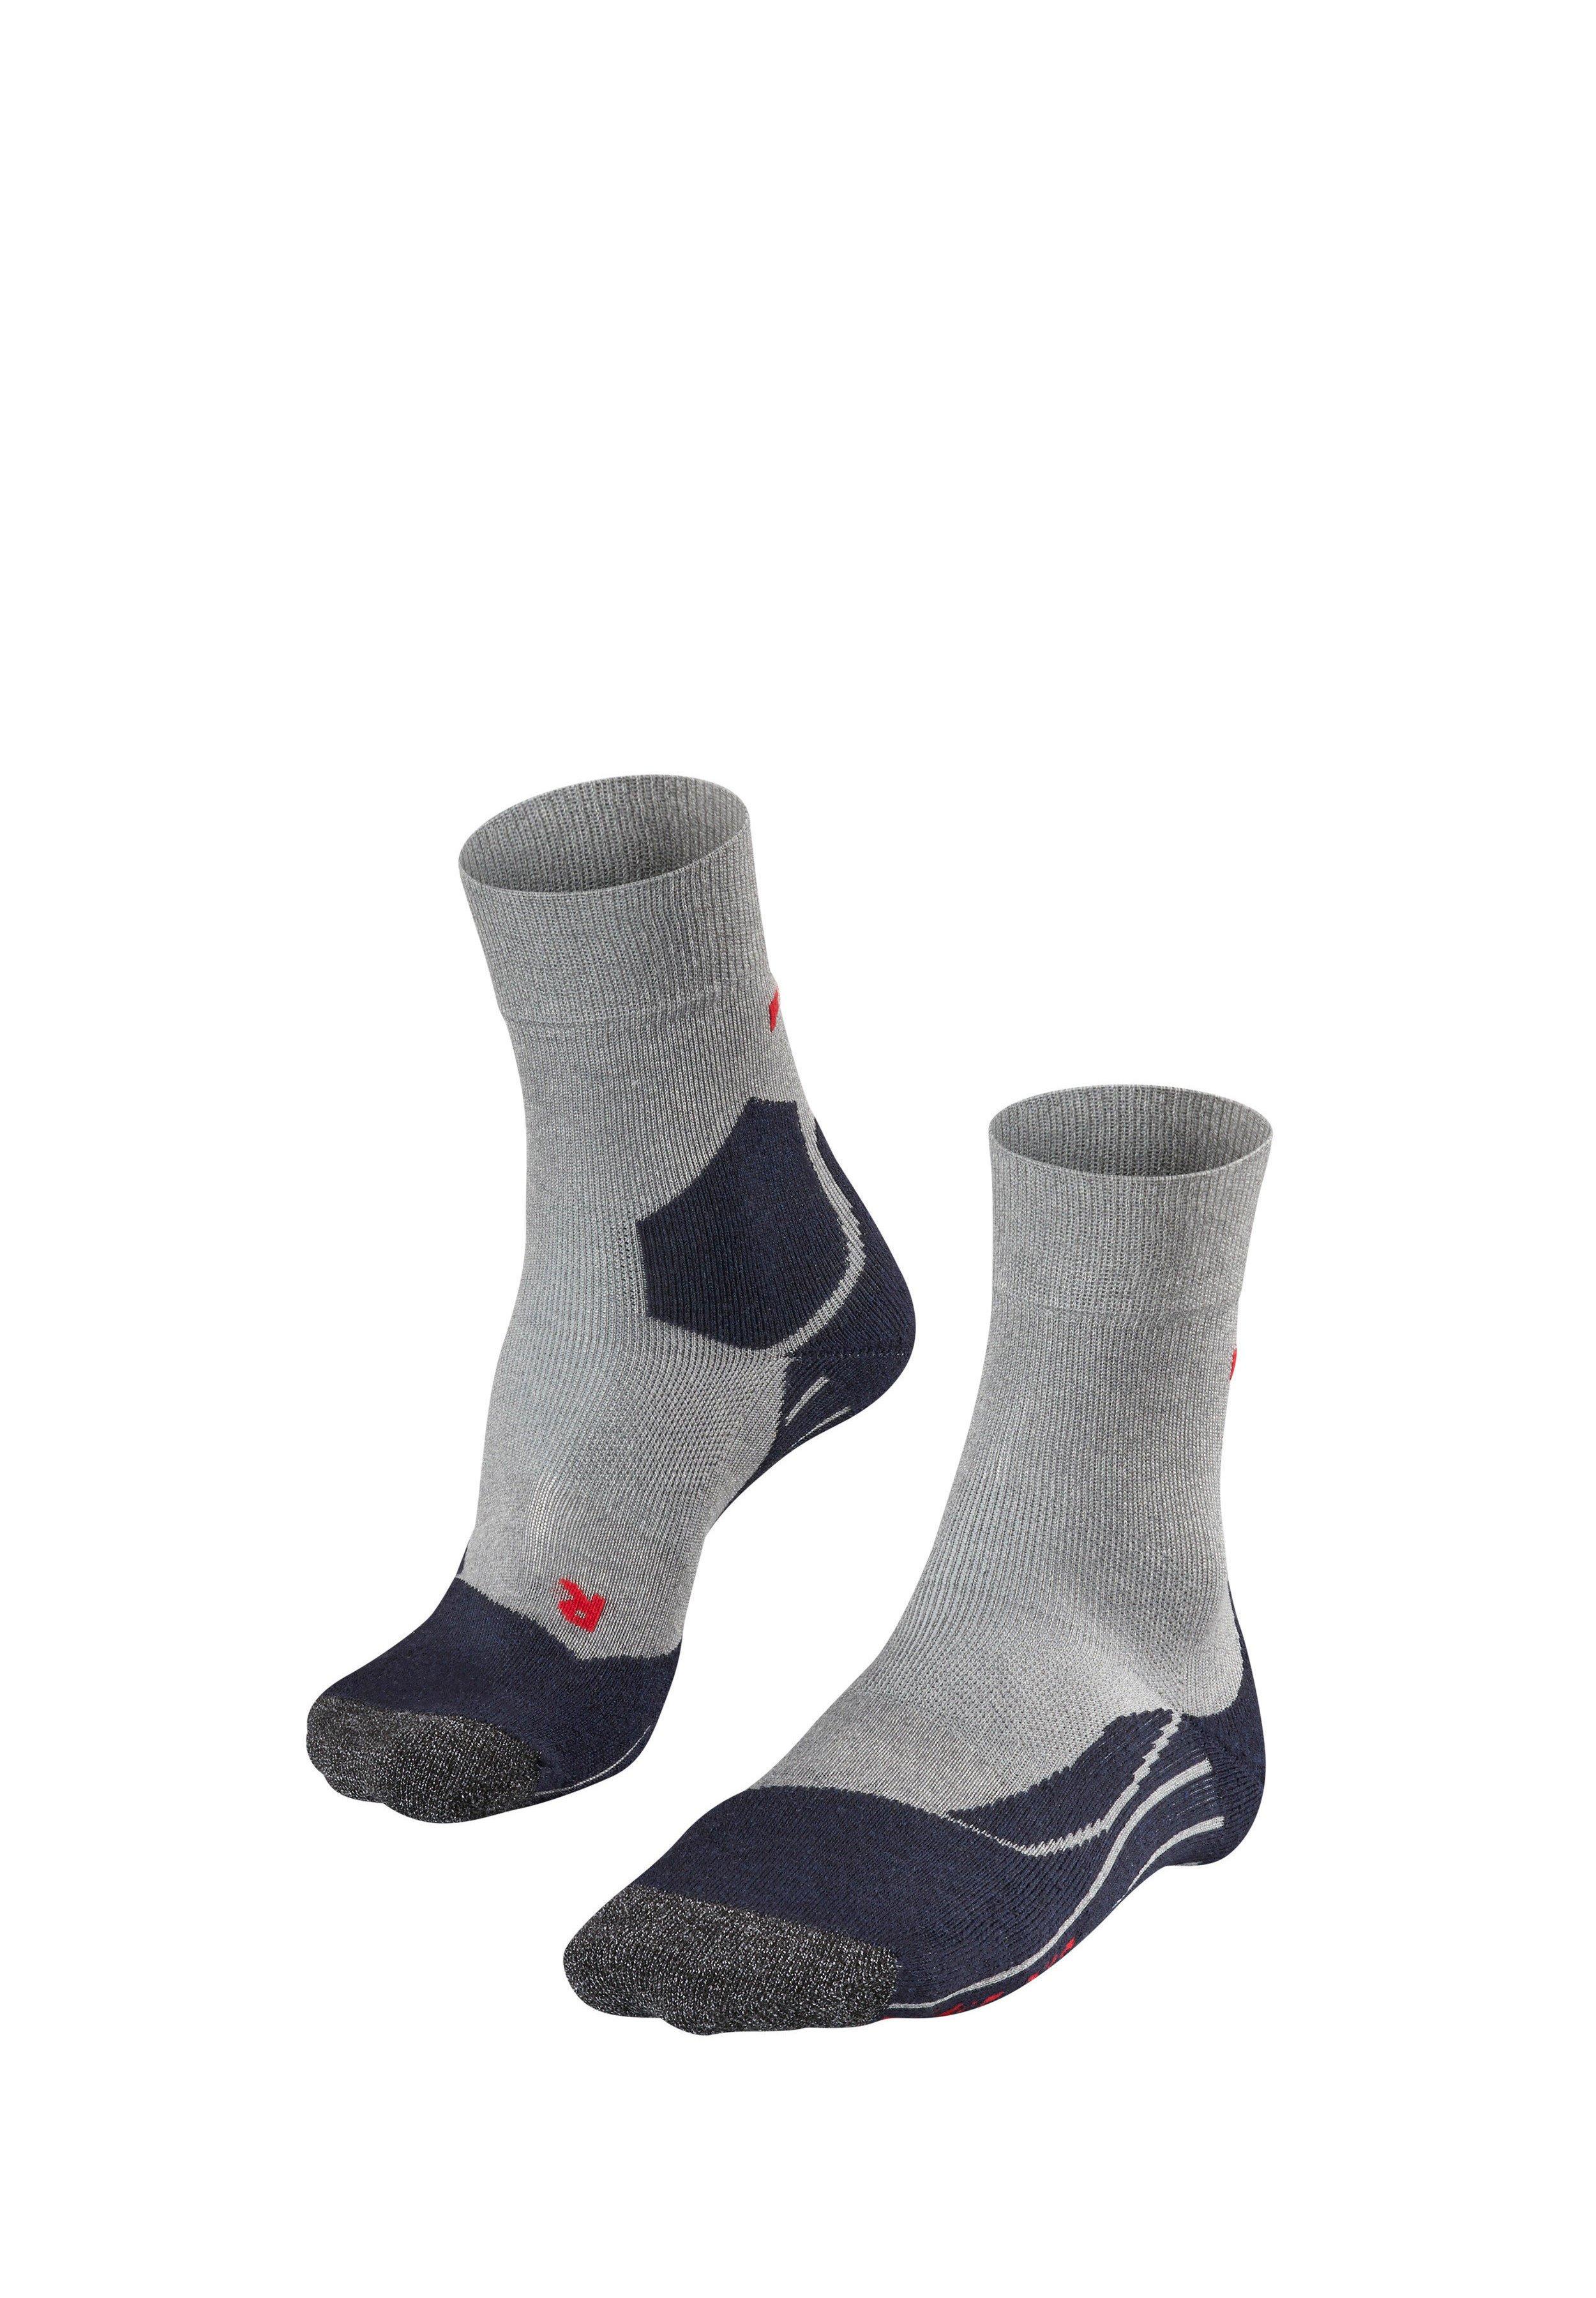 Femme RU3 - Chaussettes de sport